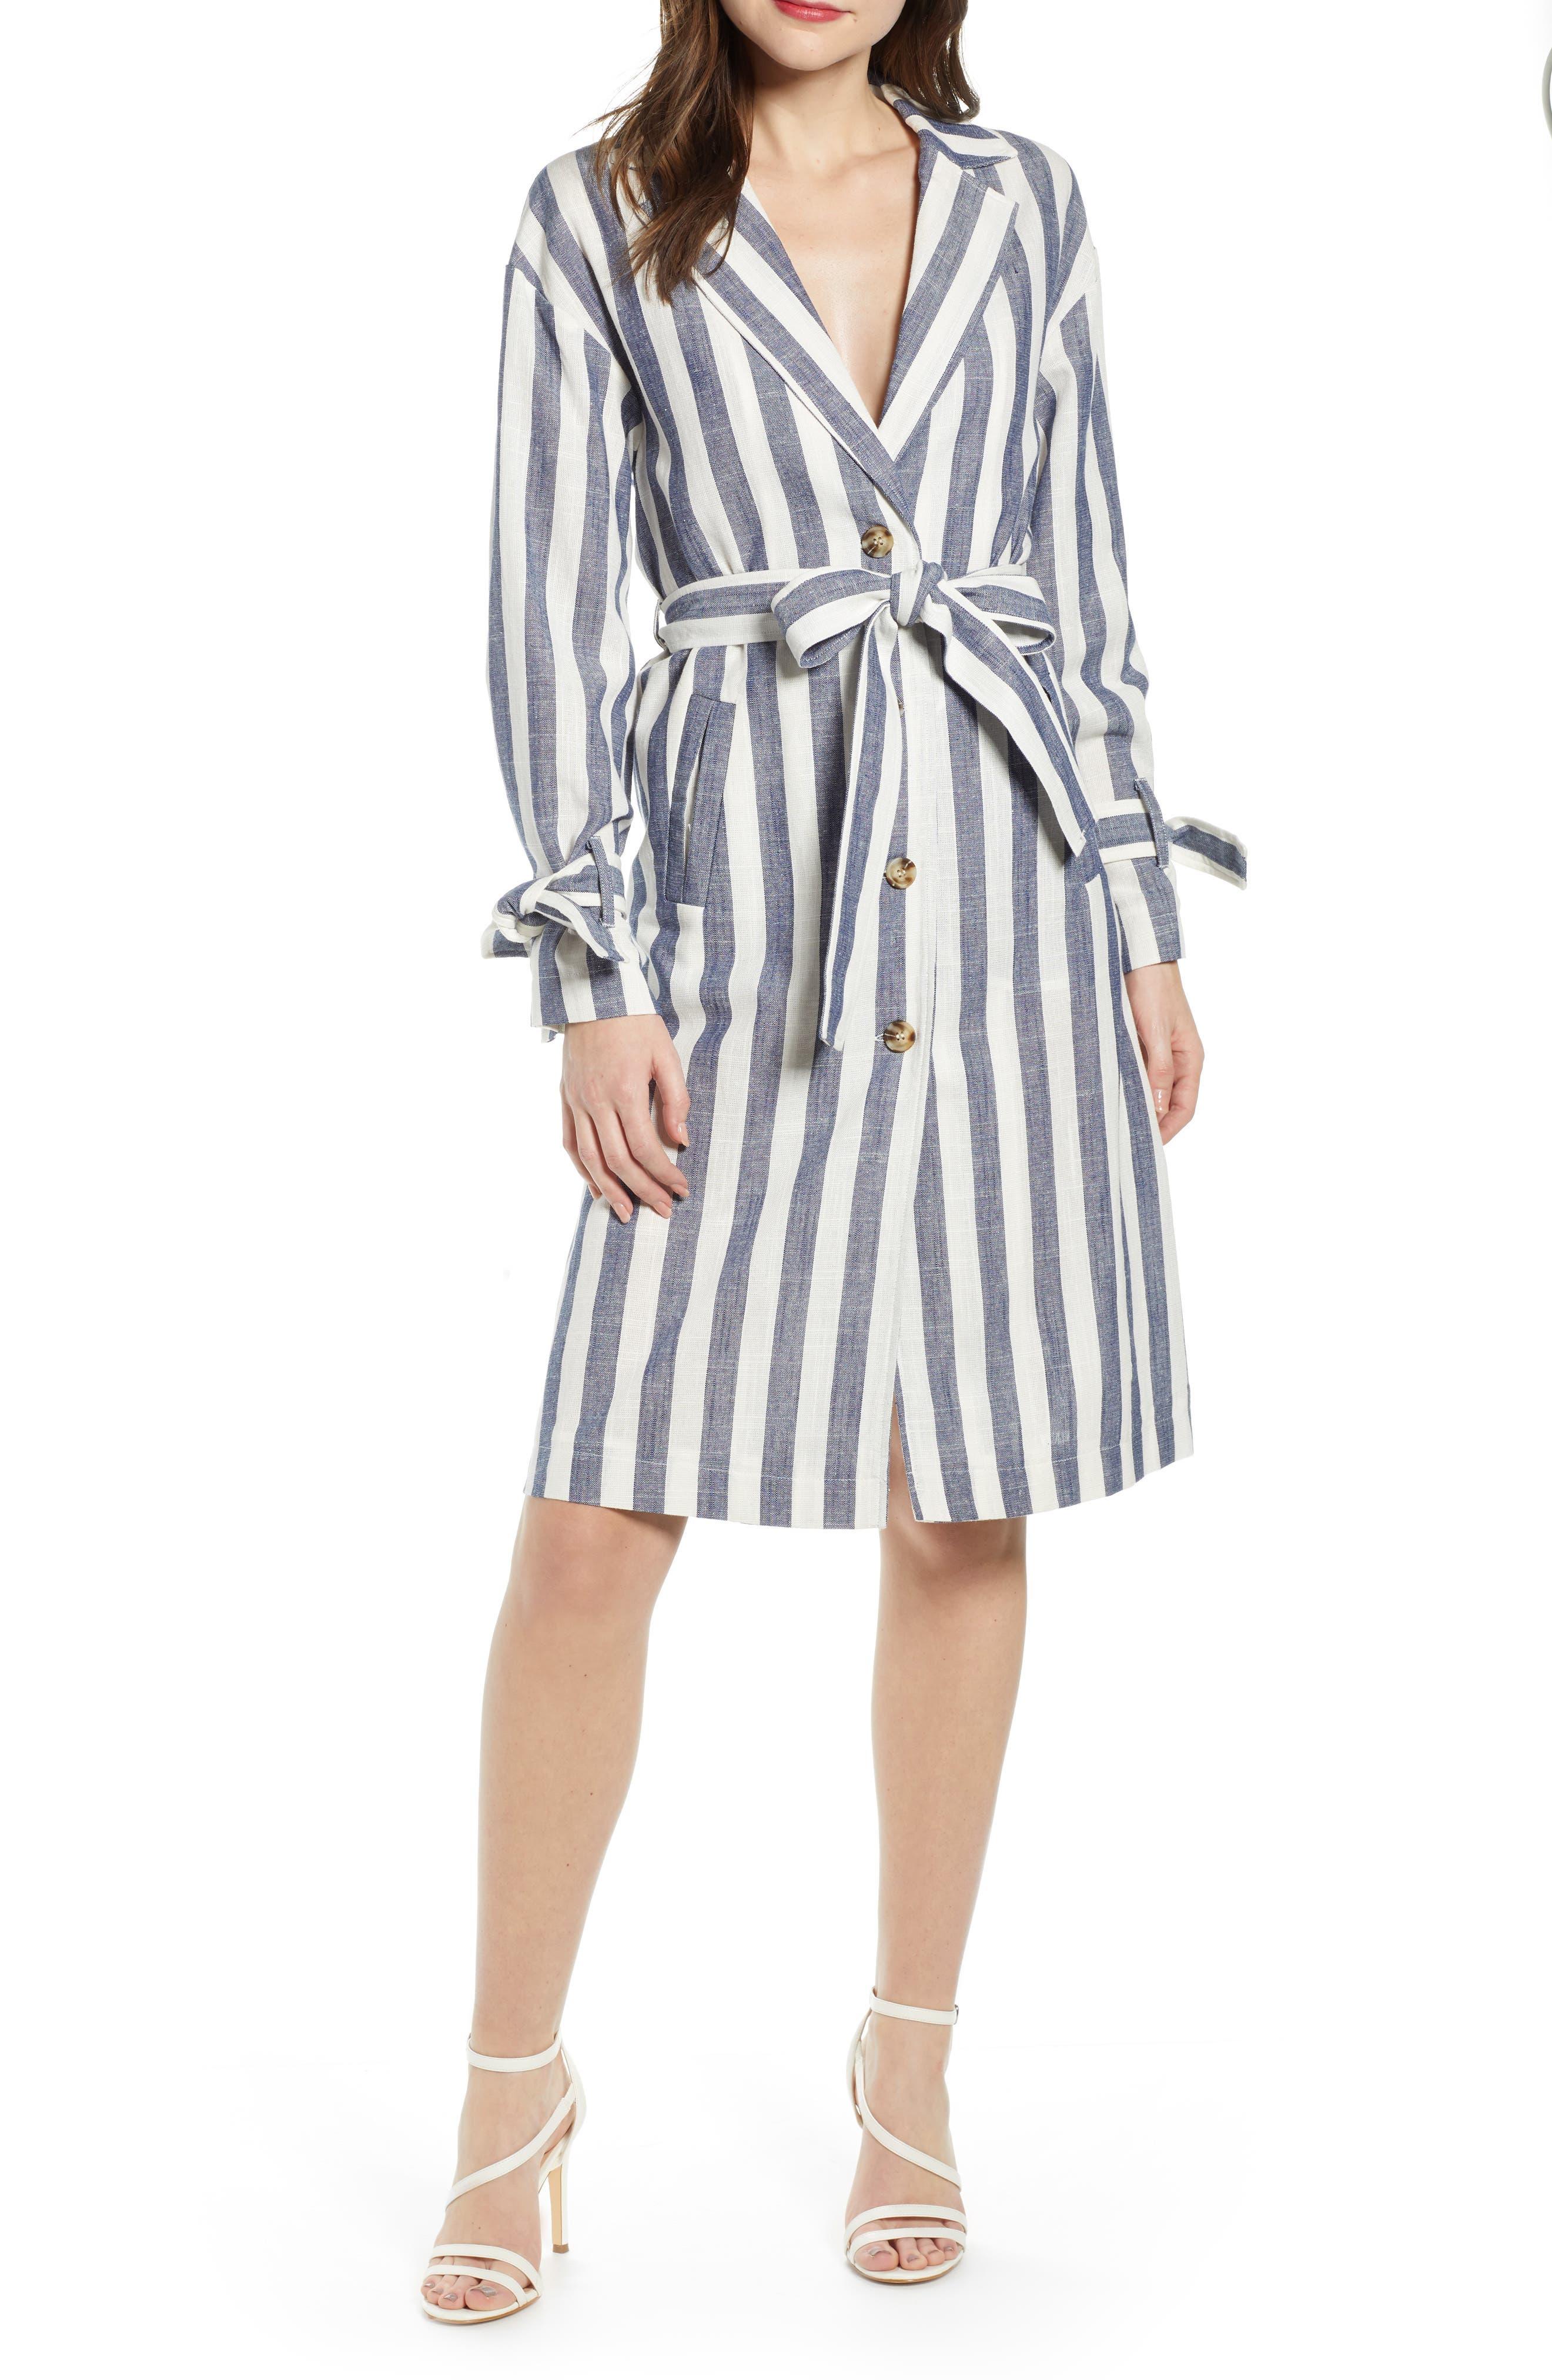 J.O.A., Stripe Cotton & Linen Shirtdress, Main thumbnail 1, color, NAVY/ WHITE STRIPE